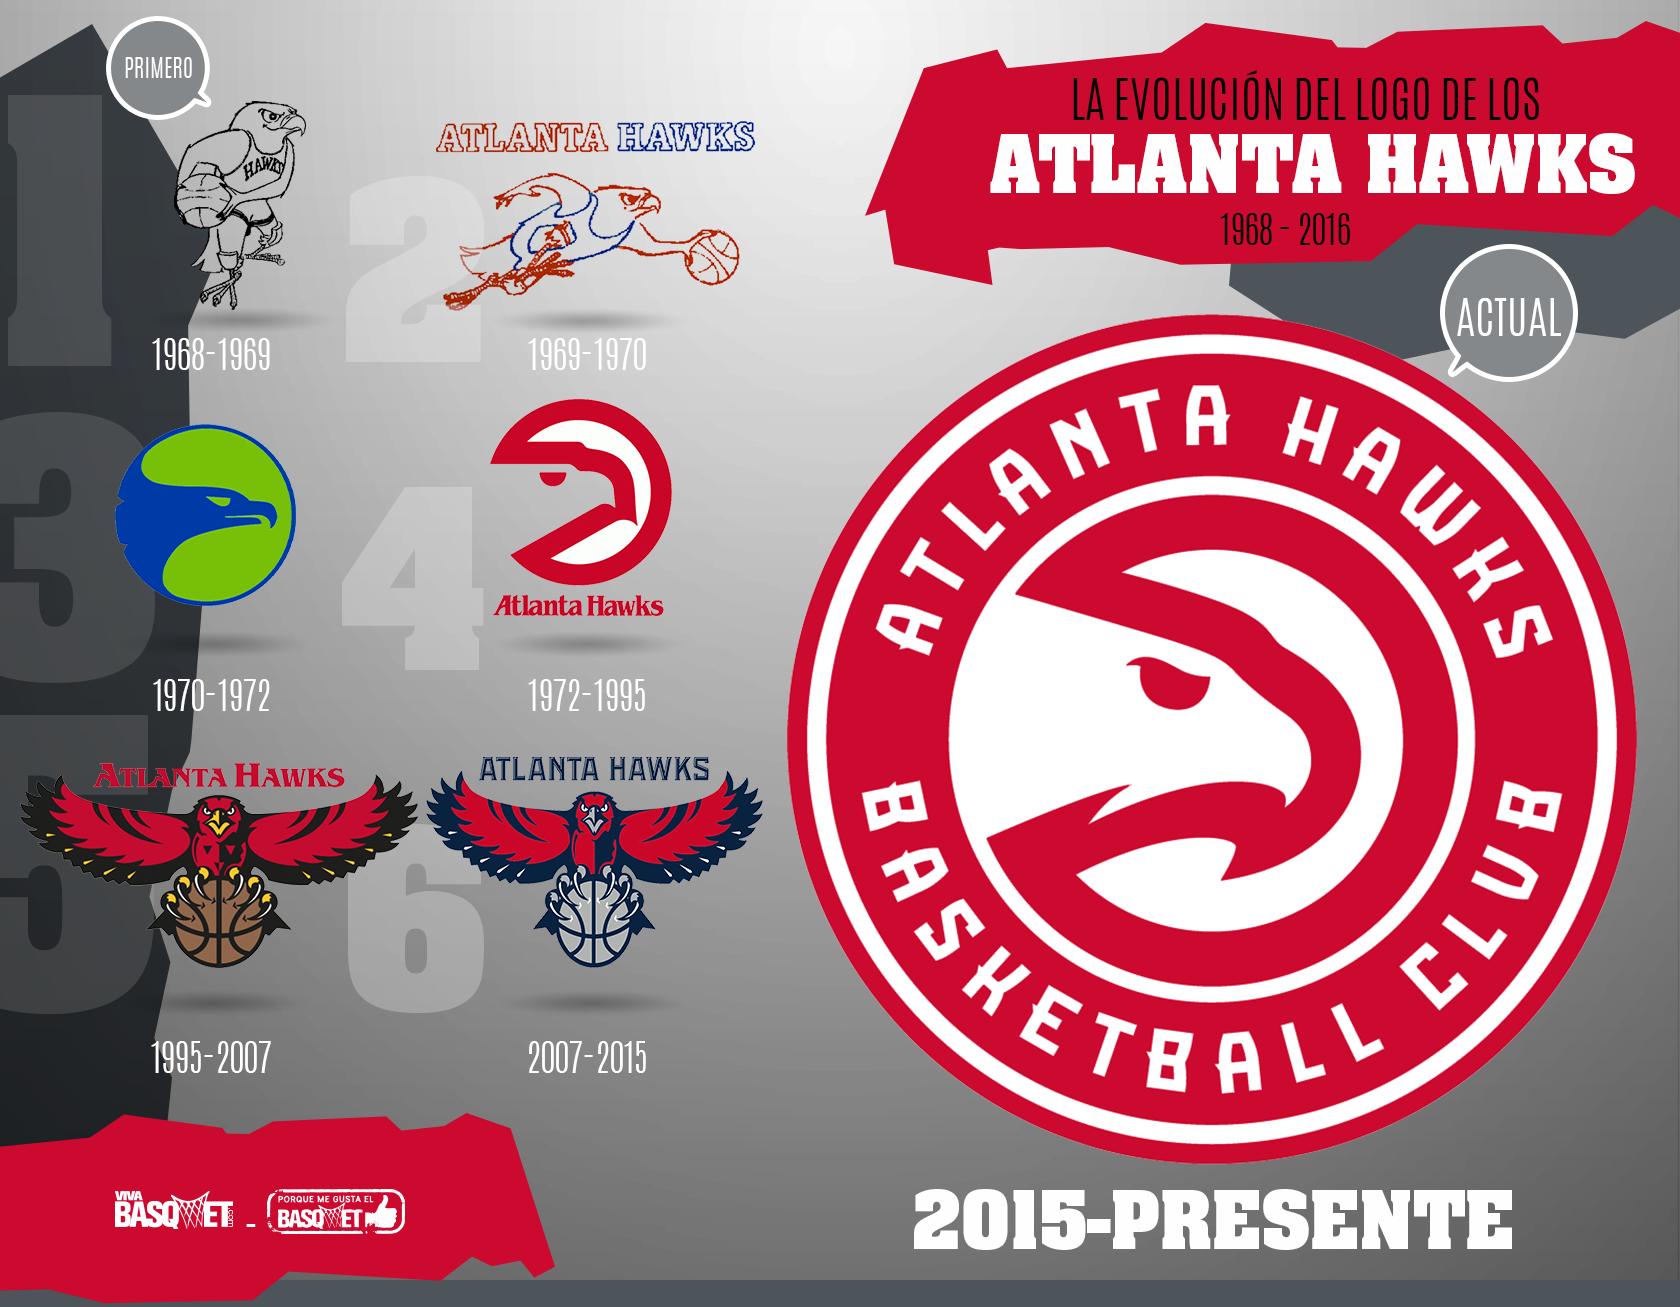 La evolución del logo de los Atlanta Hawks